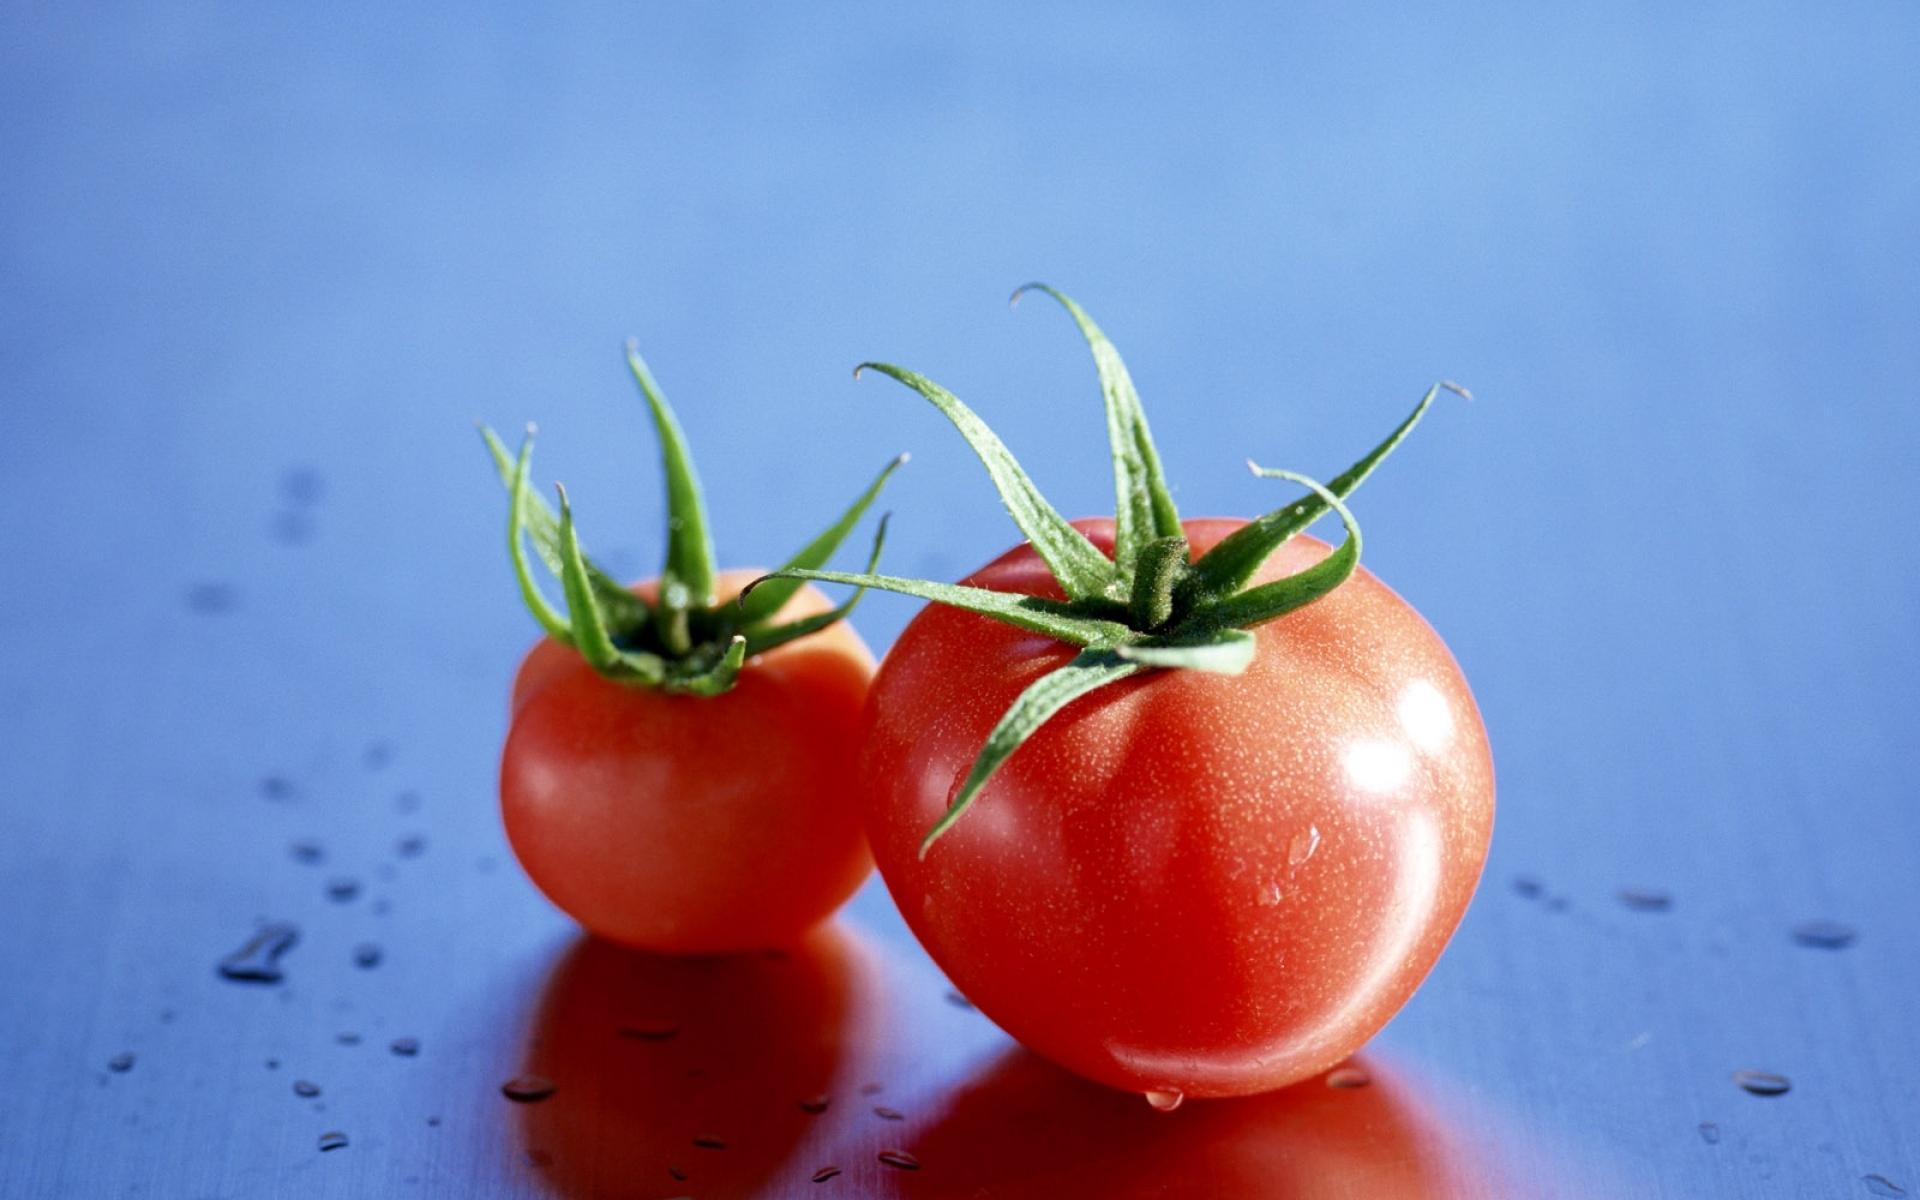 картинки помидоров растение для рабочего стола может применяться криминалистике